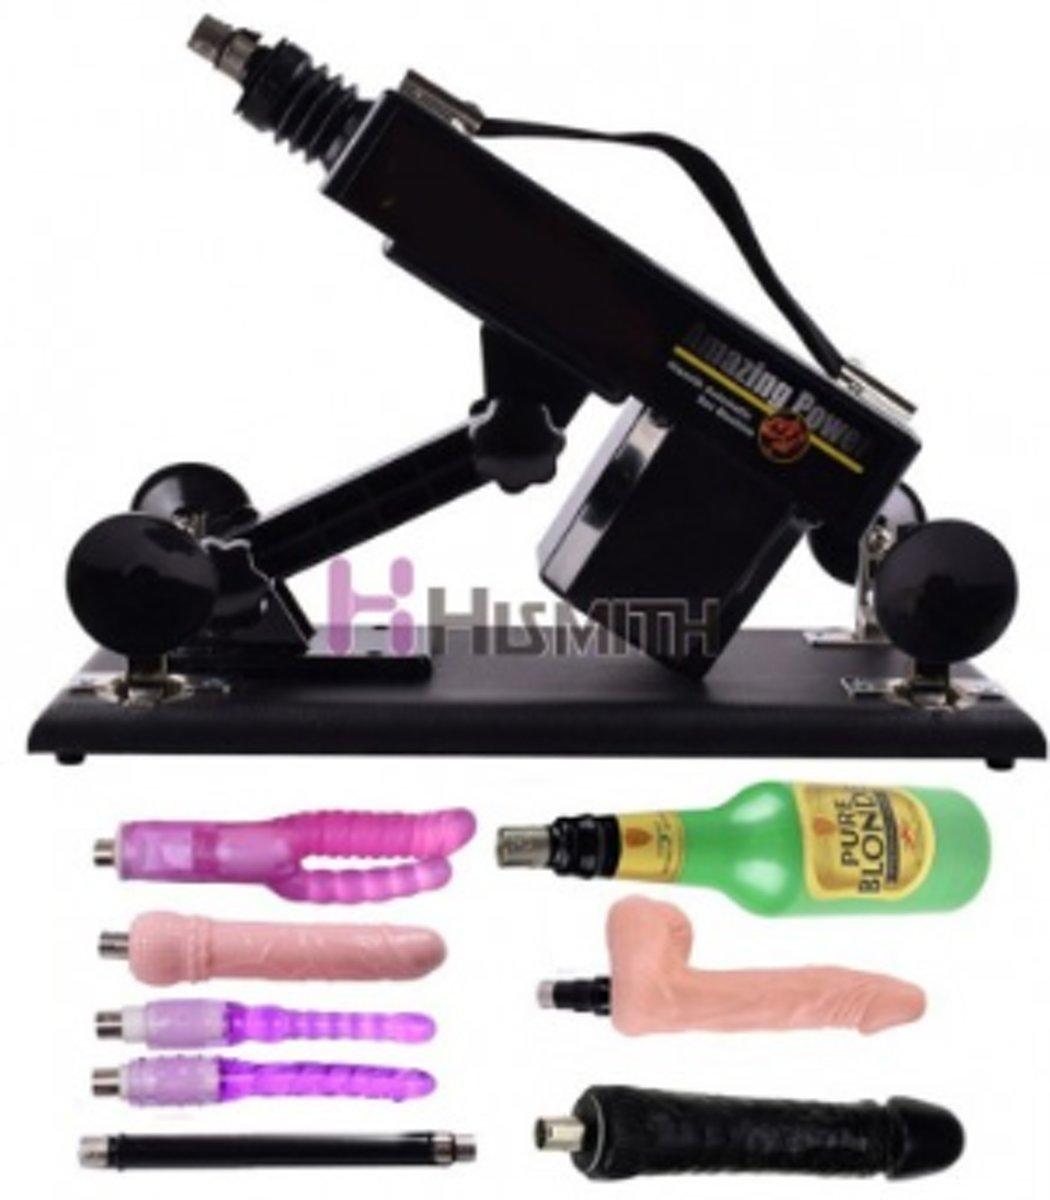 Hismith BASIC - Seks machine - Pakket Donald - Sexmeubel - SeksMachine - Met dildo en vele extra's